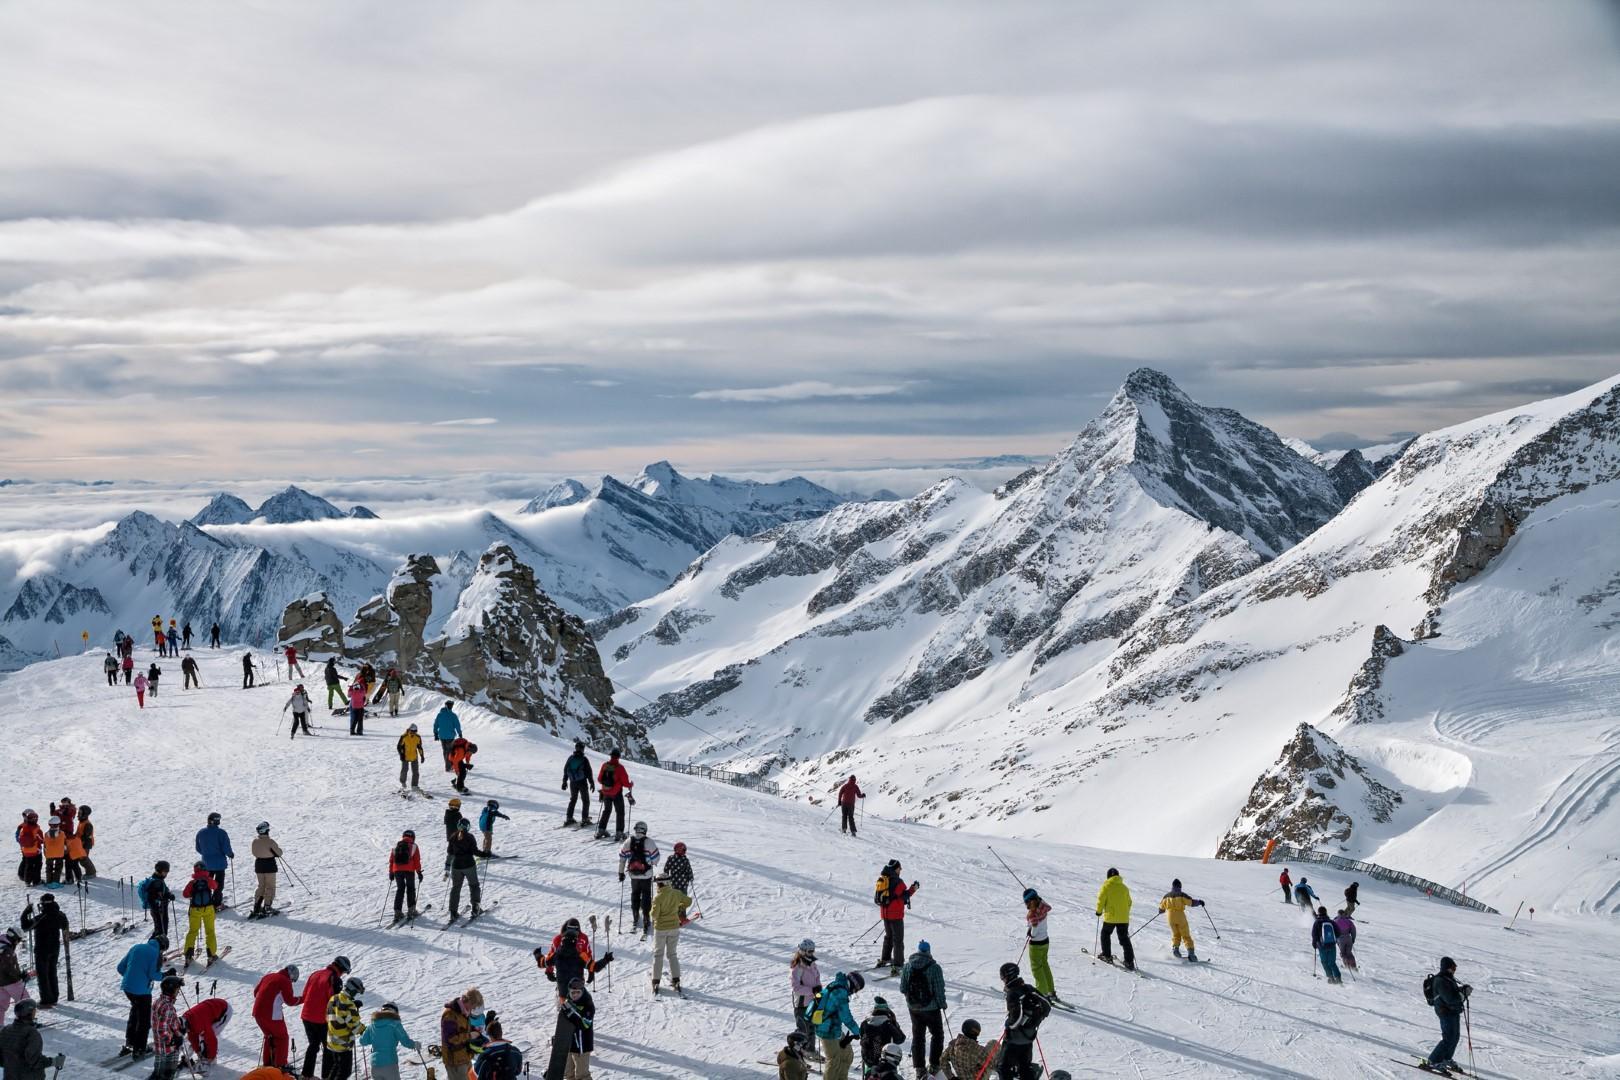 Gli impianti aperti per gli irriducibili dello sci